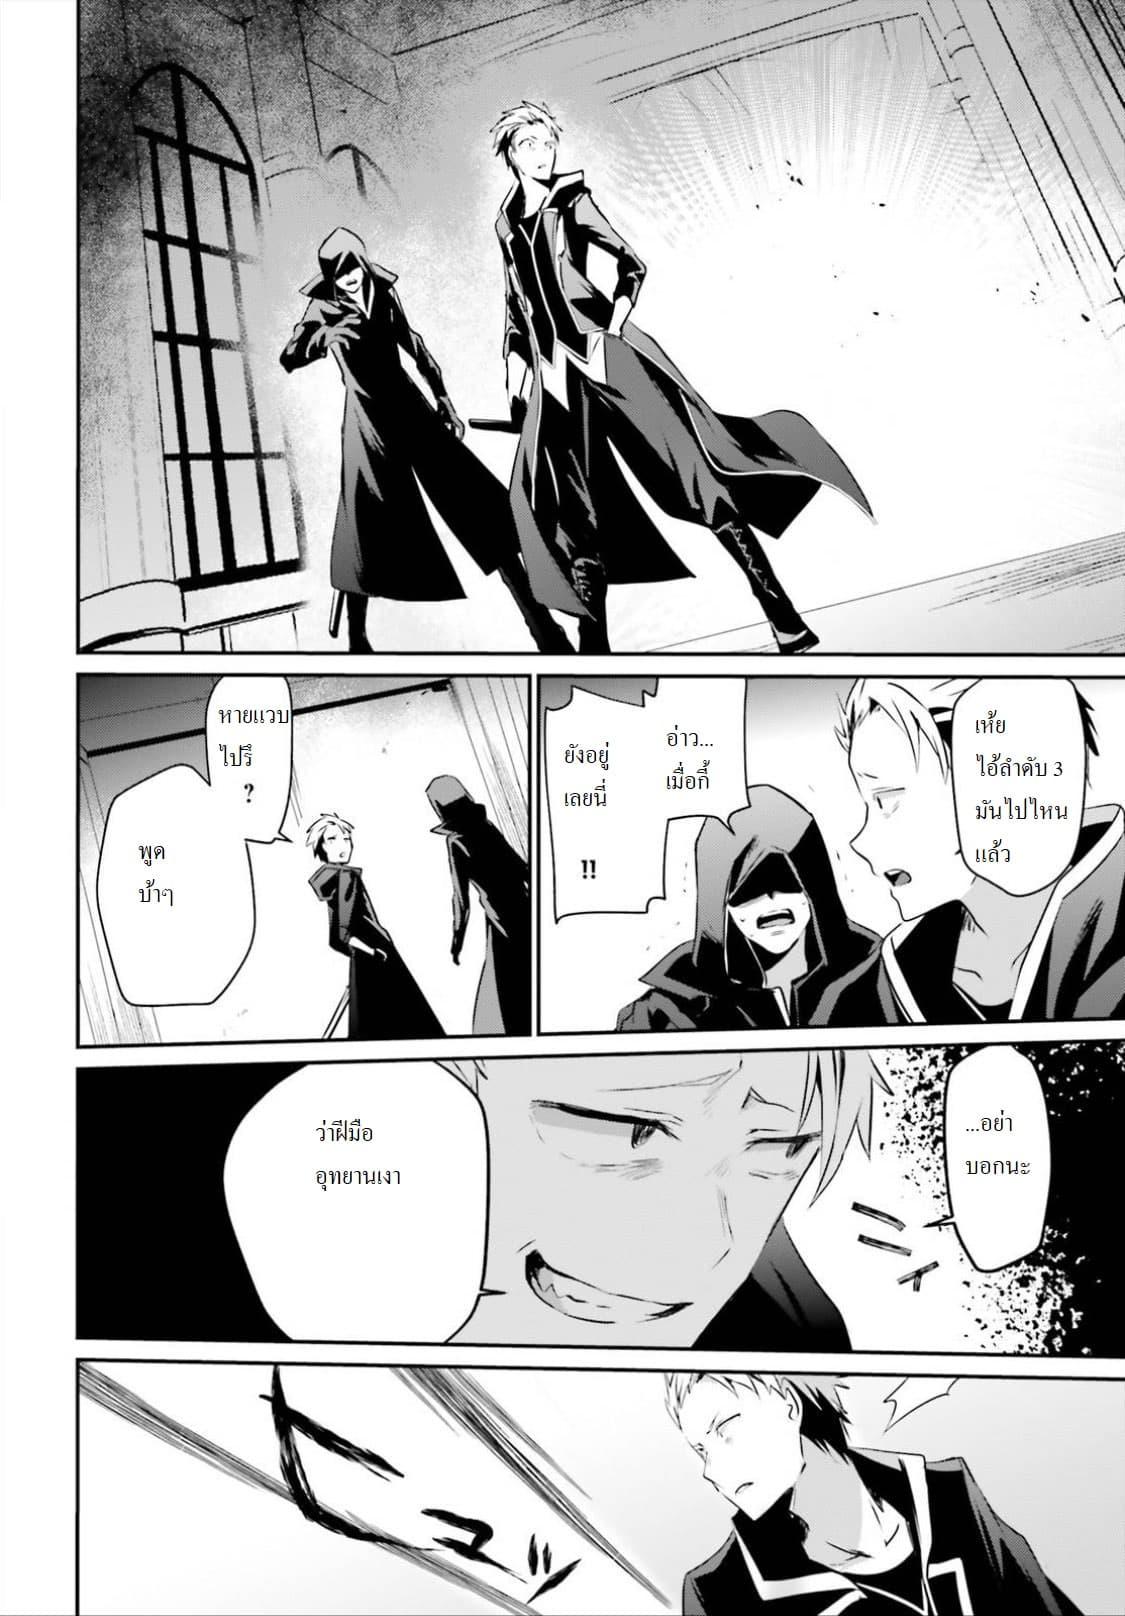 อ่านการ์ตูน Kage no Jitsuryokusha ni Naritakute! ตอนที่ 11 หน้าที่ 18